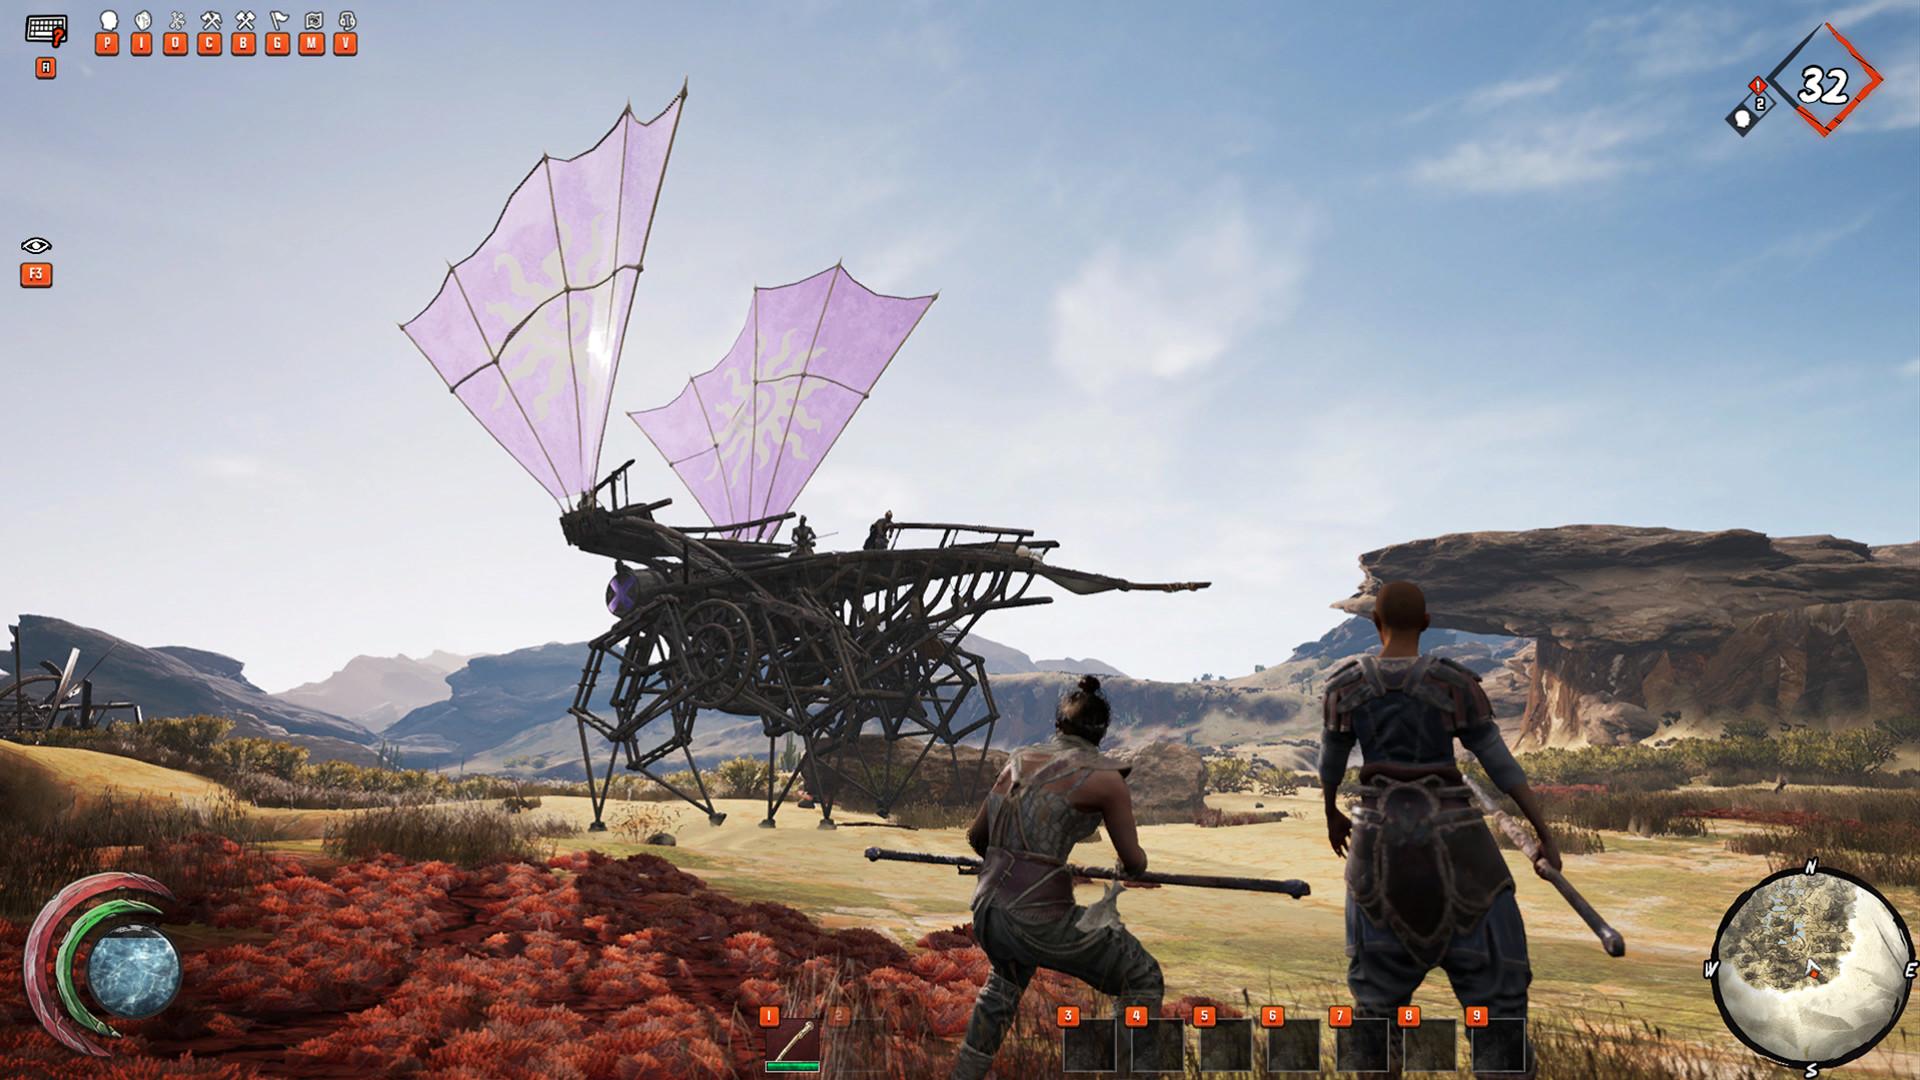 El MMO Last Oasis confirma su llegada a Xbox en 2021 2